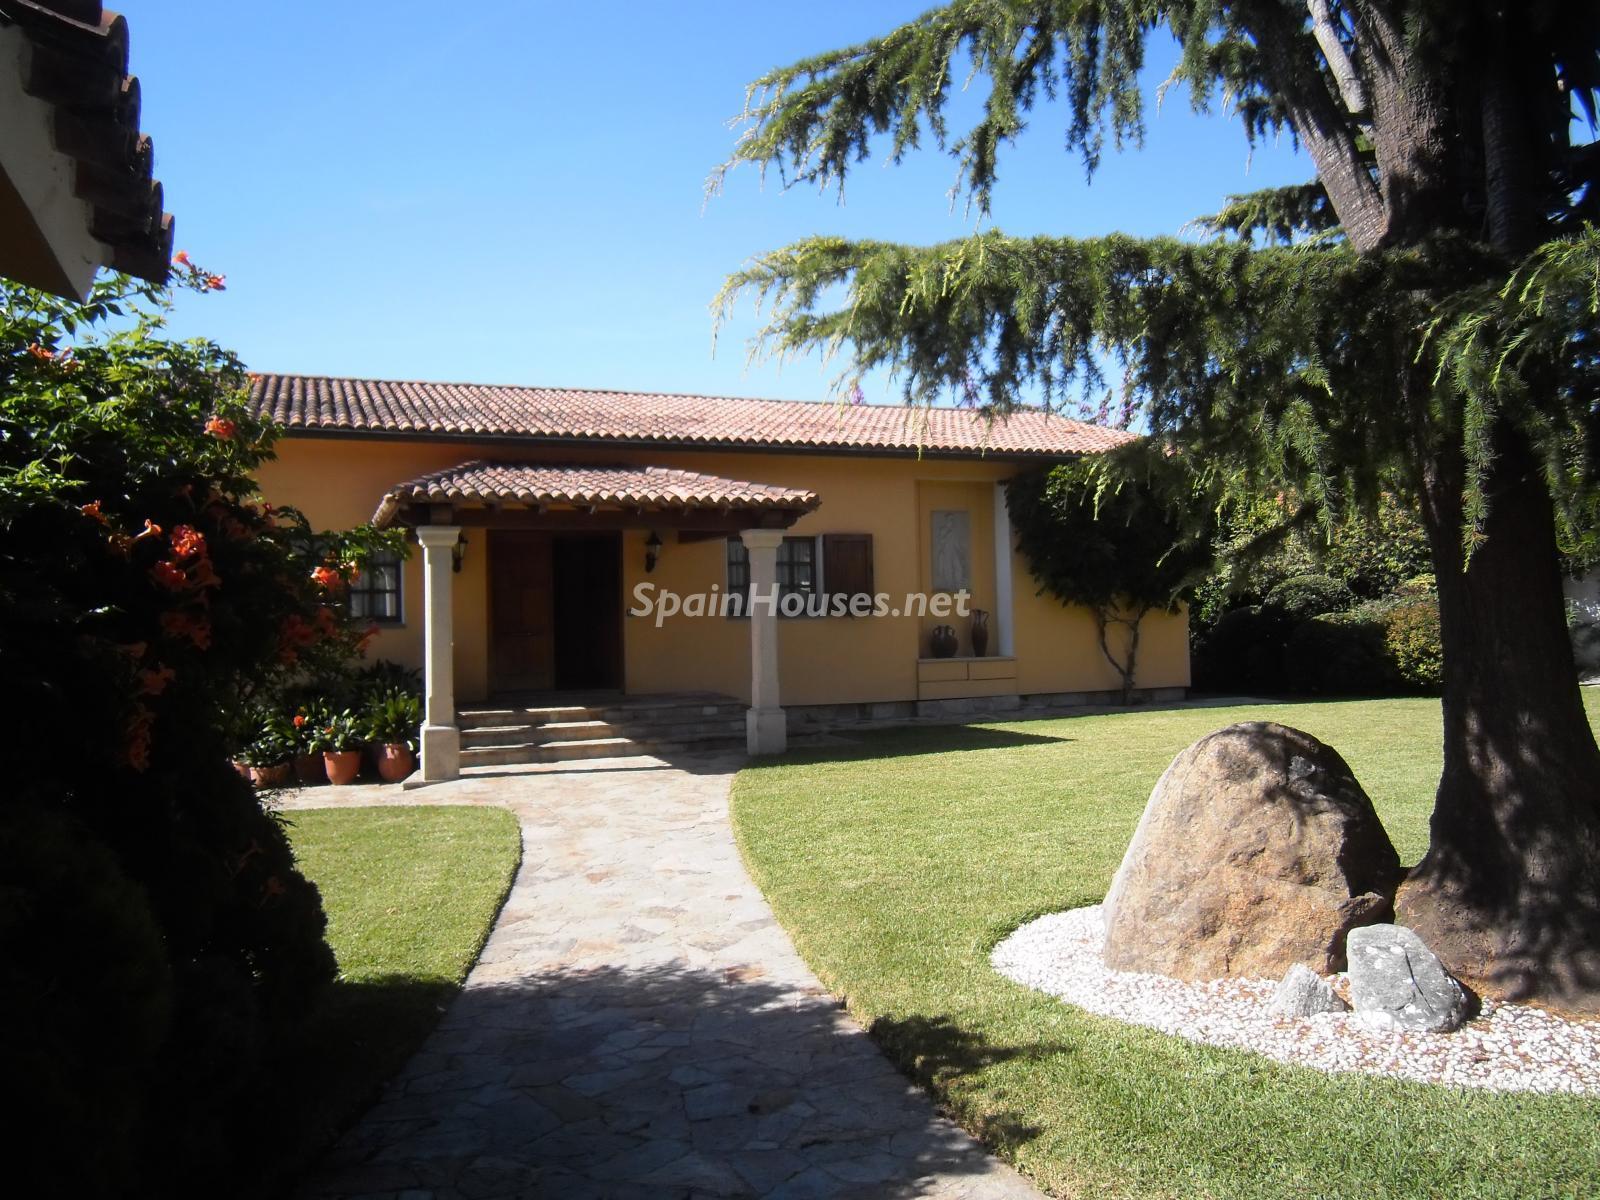 Foto 33 - Chalet independiente en venta en Oleiros, Ref: 1825929